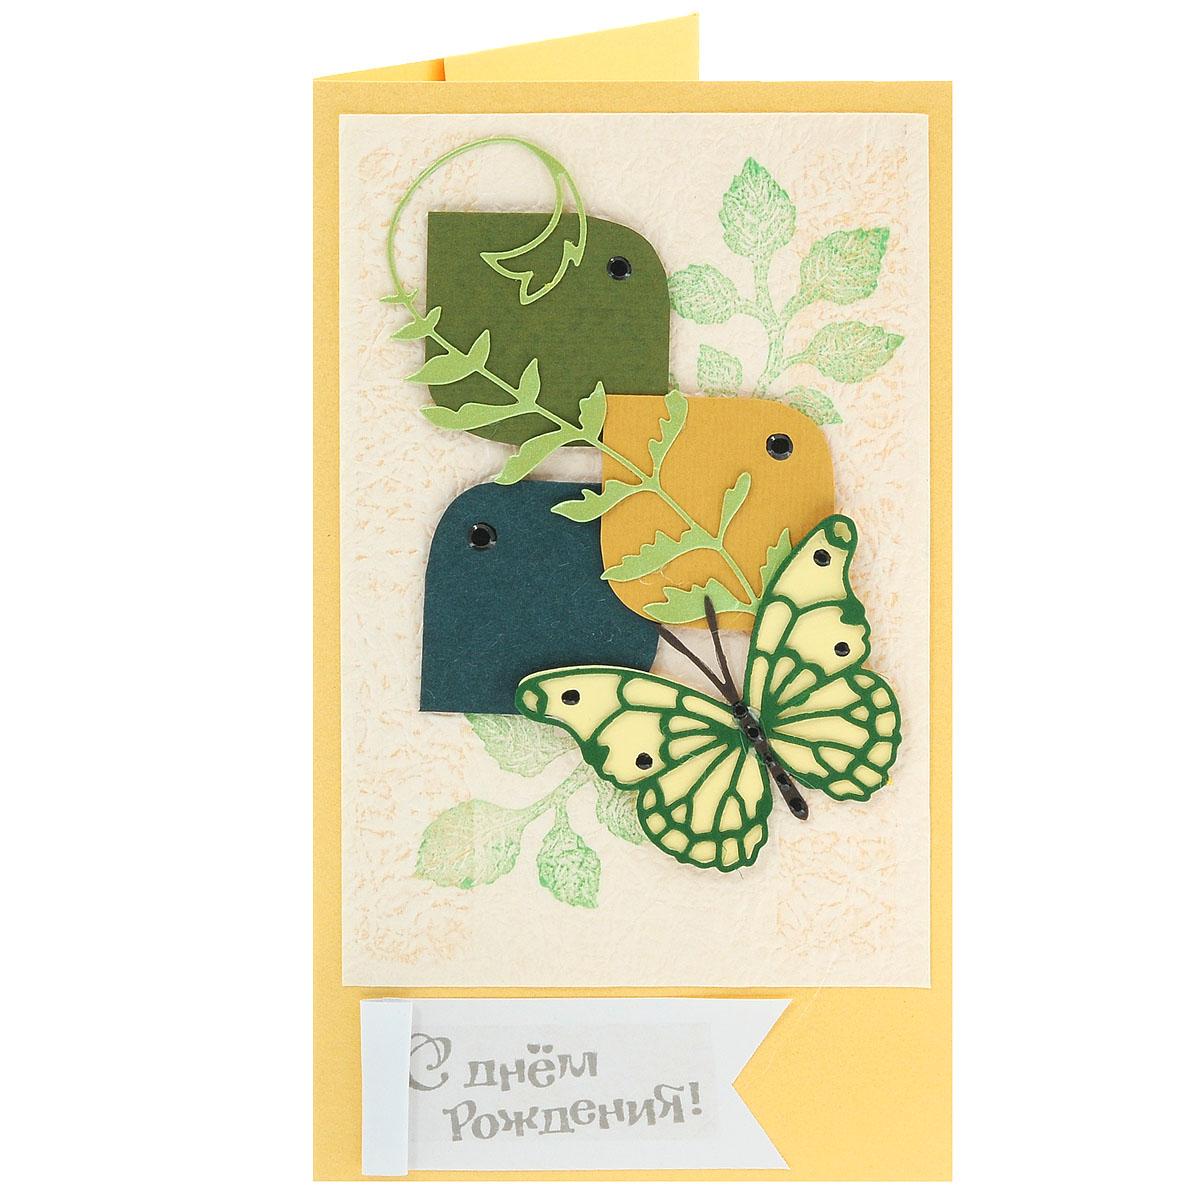 ОЖ-0016 Открытка-конверт «С Днём Рождения!». Студия «Тётя Роза»512-152Характеристики: Размер 19 см x 11 см.Материал: Высоко-художественный картон, бумага, декор. Данная открытка может стать как прекрасным дополнением к вашему подарку, так и самостоятельным подарком. Так как открытка является и конвертом, в который вы можете вложить ваш денежный подарок или просто написать ваши пожелания на вкладыше.Оригинальный дизайн этого поздравления создается эффект штампинга, а изящная бабочка и веточка зелени дополняют общее восприятие этой теплой, натурально-природной открытки в коричнево-желтых тонах.Также открытка упакована в пакетик для сохранности. Обращаем Ваше внимание на то, что открытка может незначительно отличаться от представленной на фото.Открытки ручной работы от студии Тётя Роза отличаются своим неповторимым и ярким стилем. Каждая уникальна и выполнена вручную мастерами студии. (Открытка для мужчин, открытка для женщины, открытка на день рождения, открытка с днем свадьбы, открытка винтаж, открытка с юбилеем, открытка на все случаи, скрапбукинг)